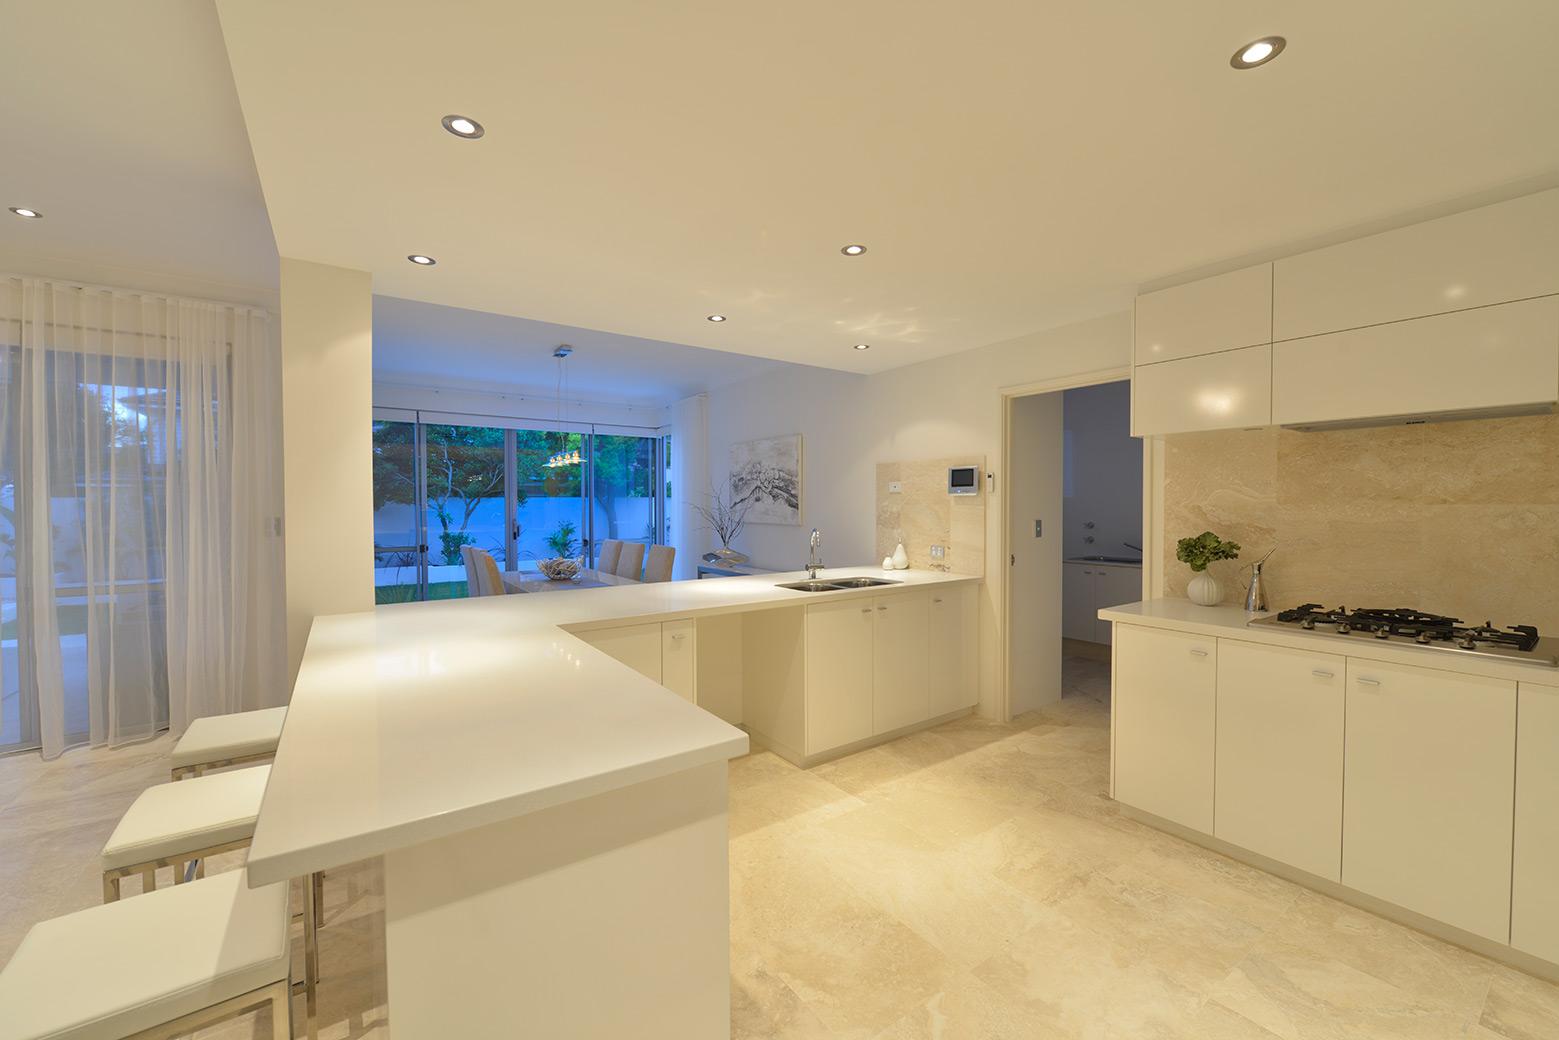 kitchen_c.jpg